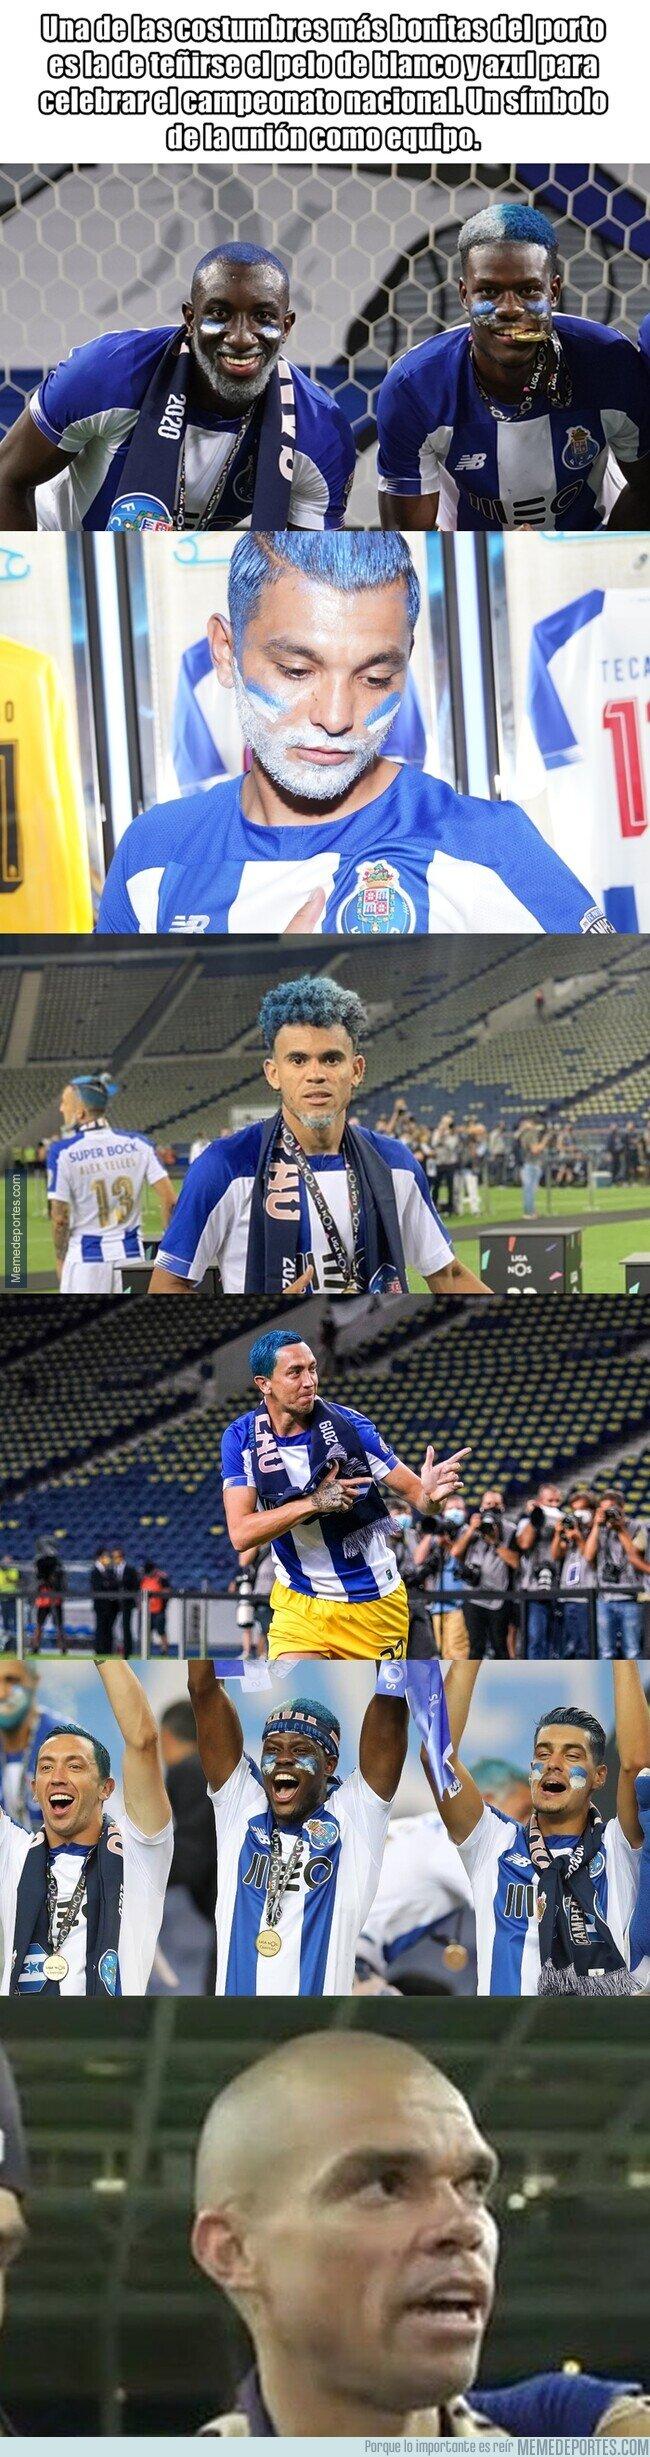 1110166 - La tradición del Porto cada vez que gana la Liga de su país que un jugador no ha podido cumplir